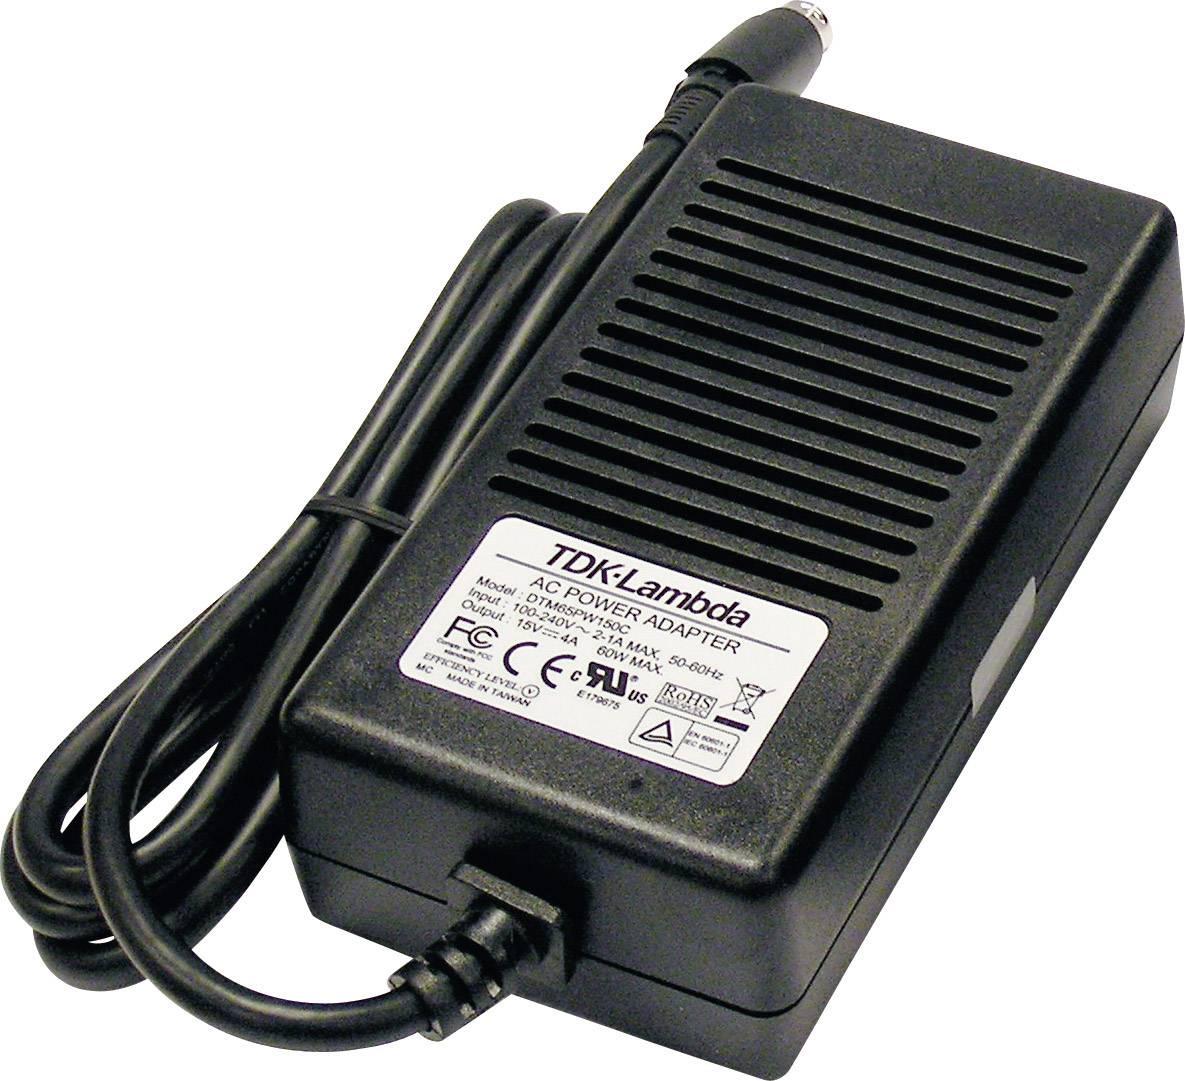 Síťový adaptér TDK-Lambda DTM65PW180C, 18 VDC, 65 W